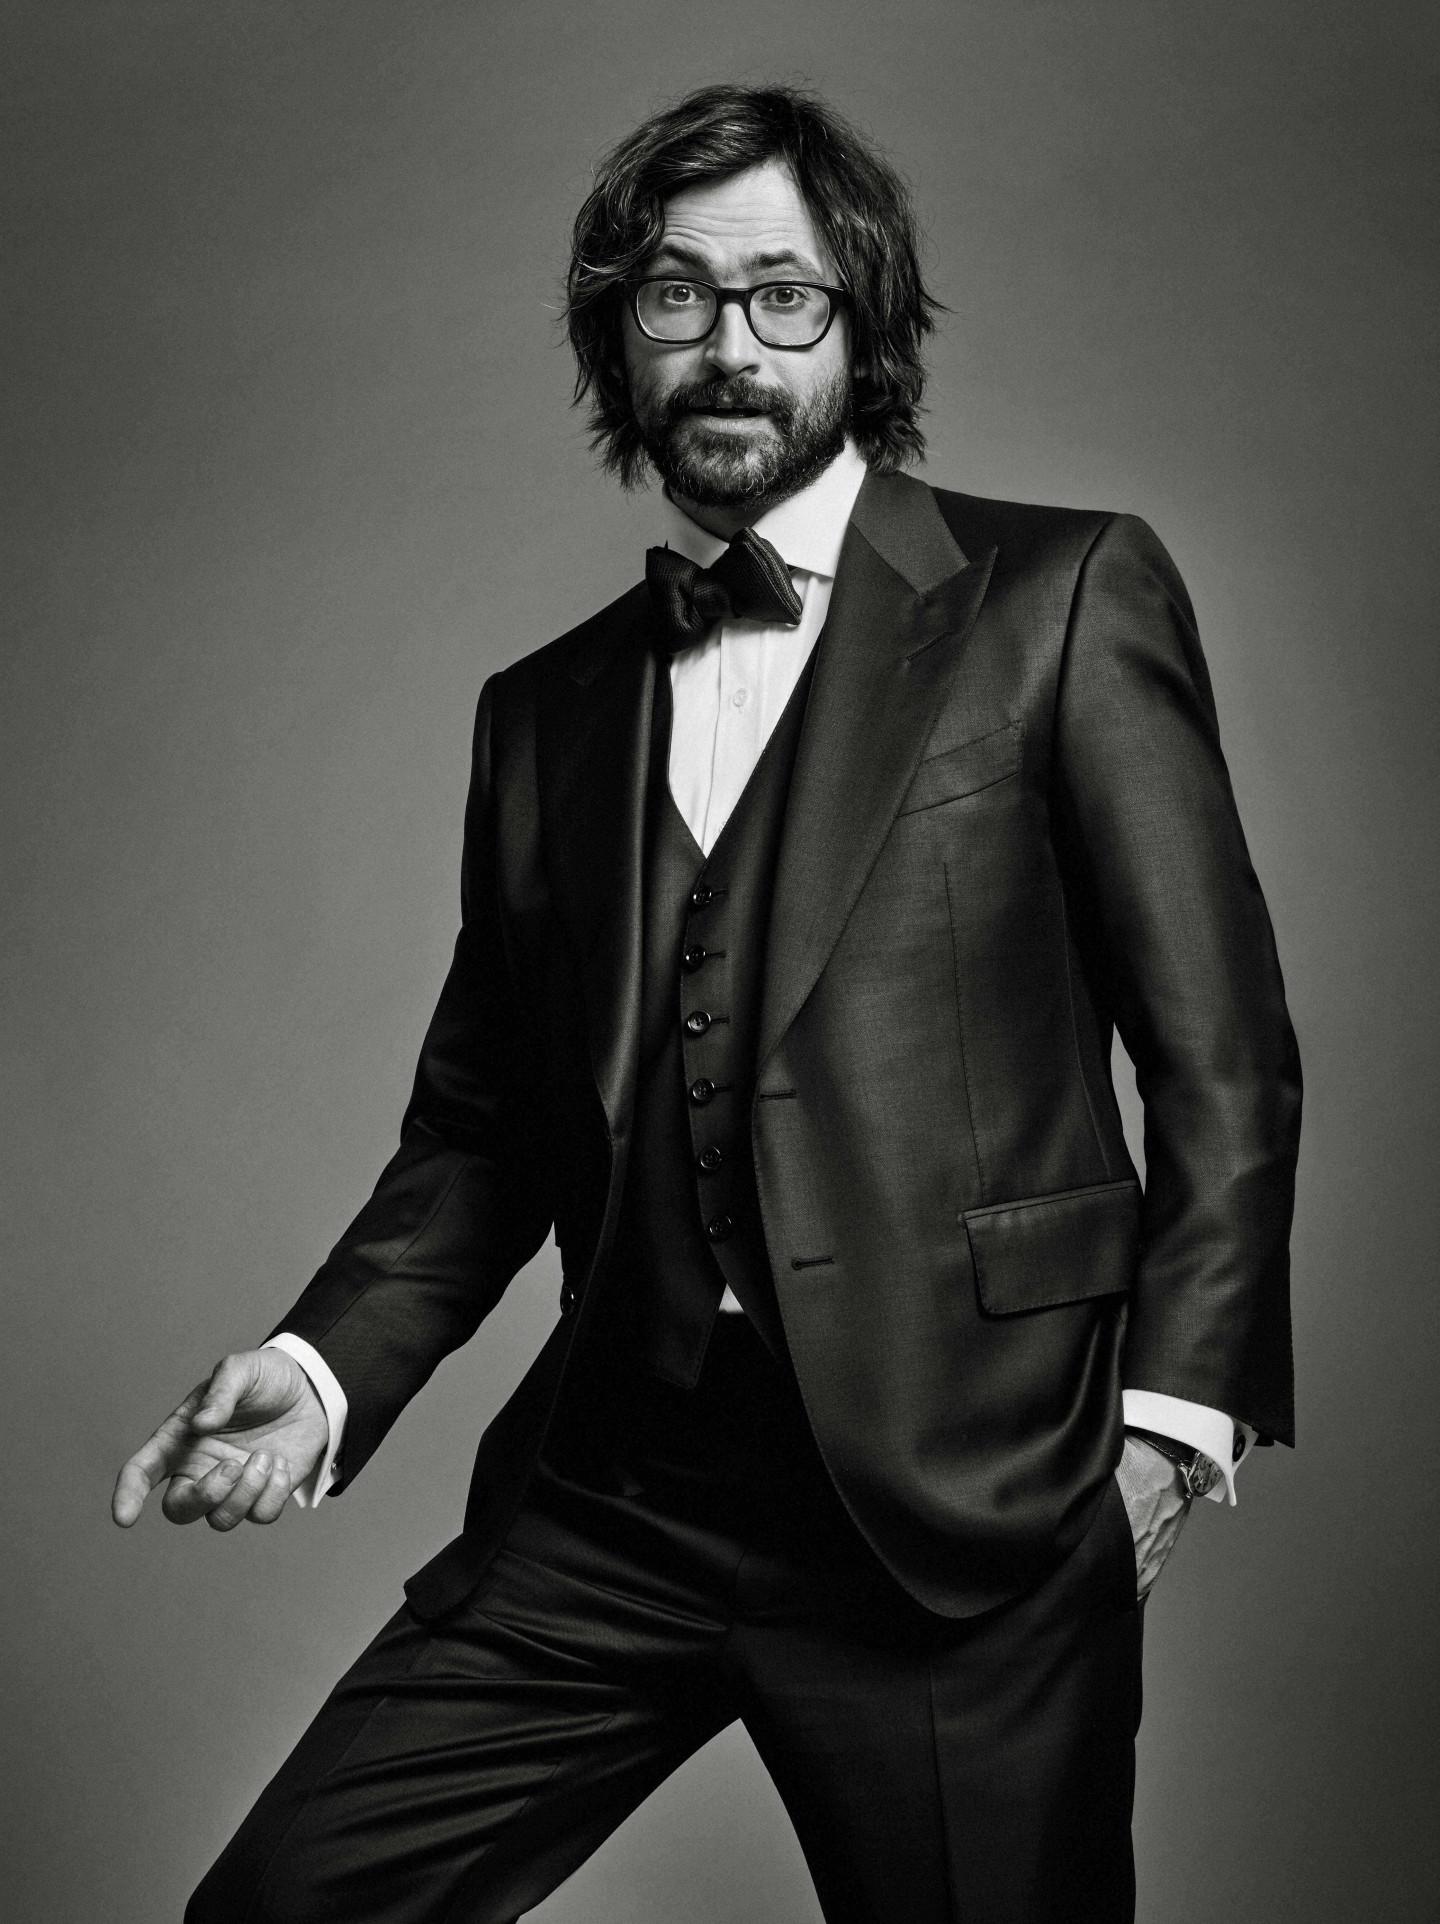 На Дмитрии: костюм-тройка, рубашка - все Tom Ford, запонки Cartier, часы Drive de Cartier